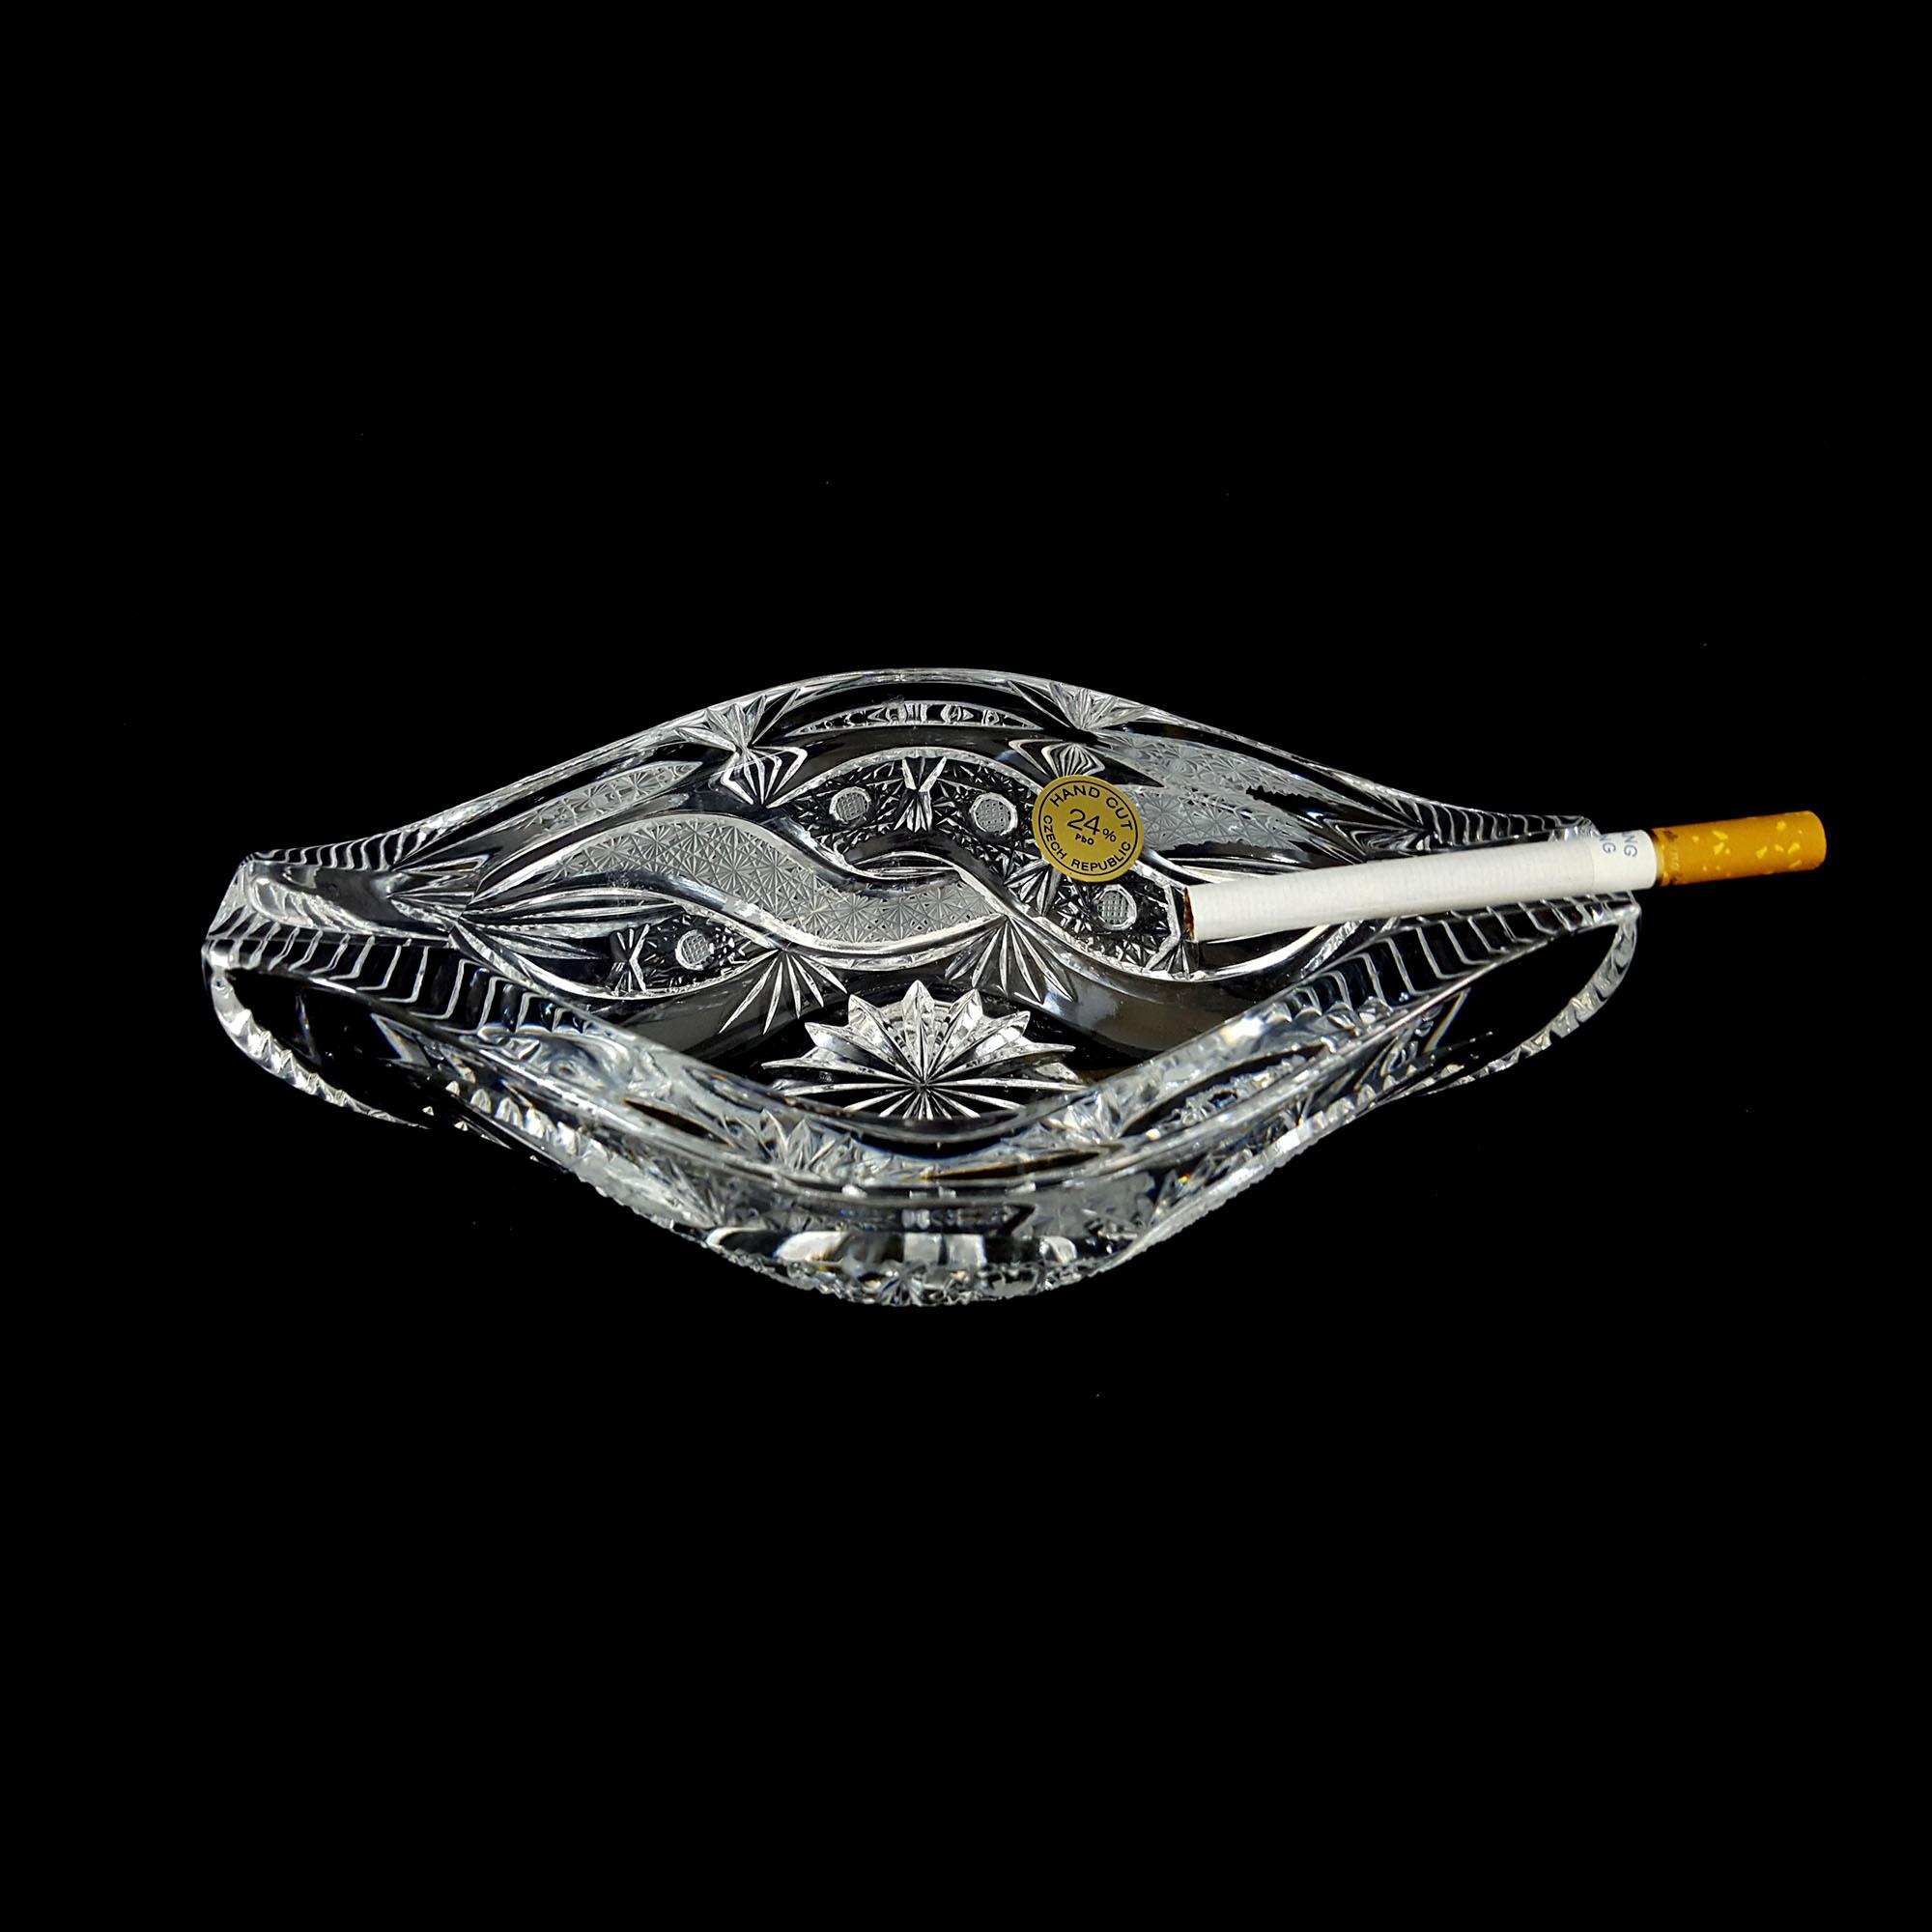 Ảnh minh họa Gạt tàn pha lê độc và lạ cao 19cm